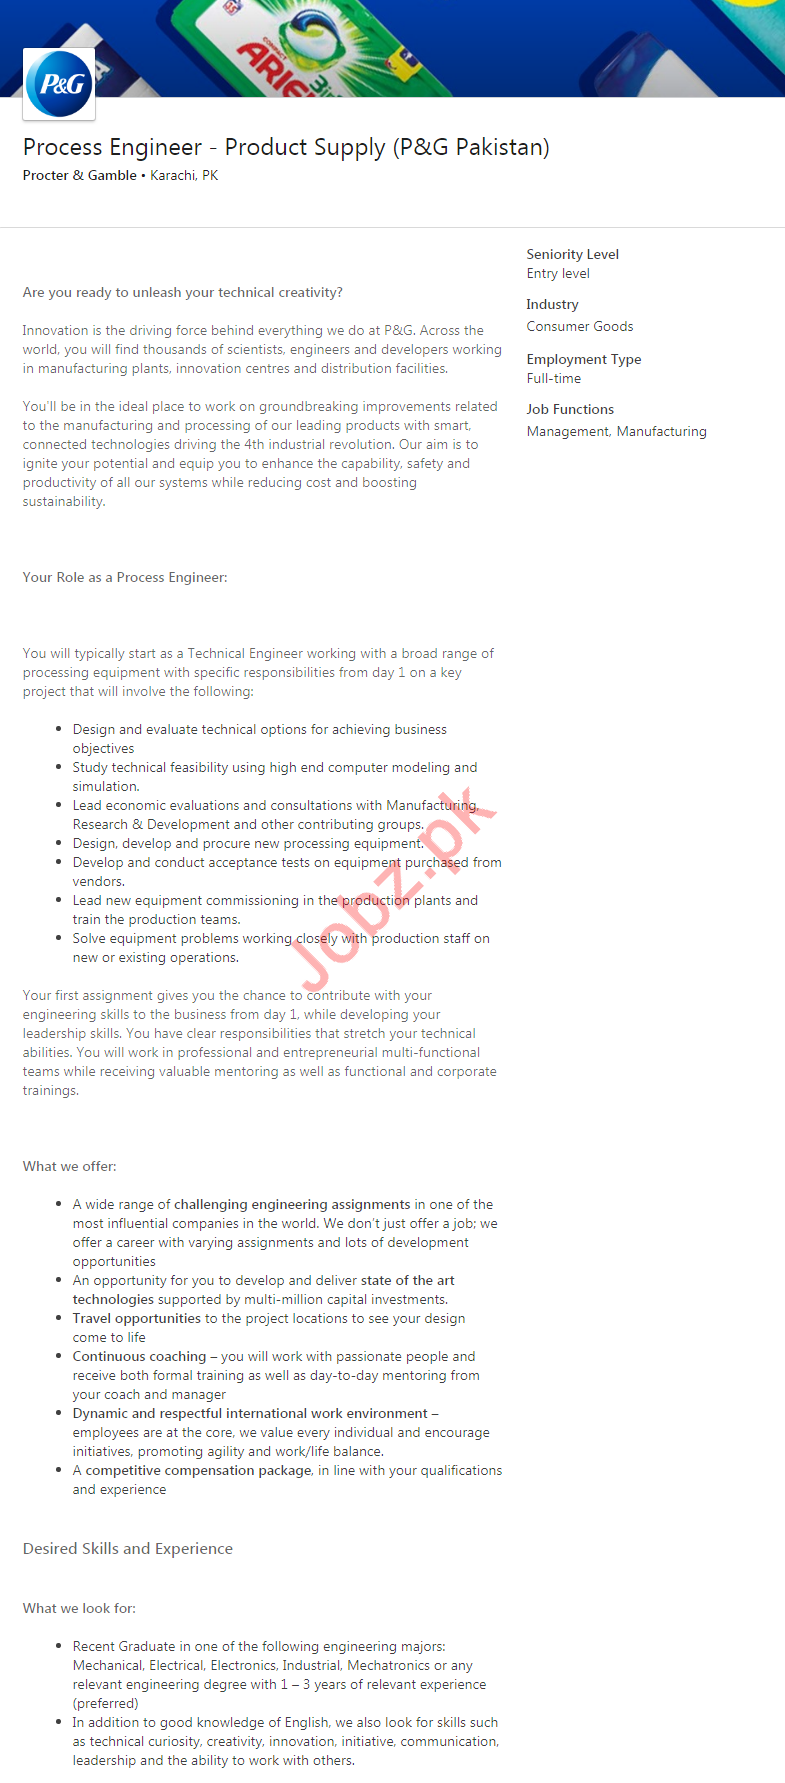 Process Engineer Jobs in Proctor & Gamble